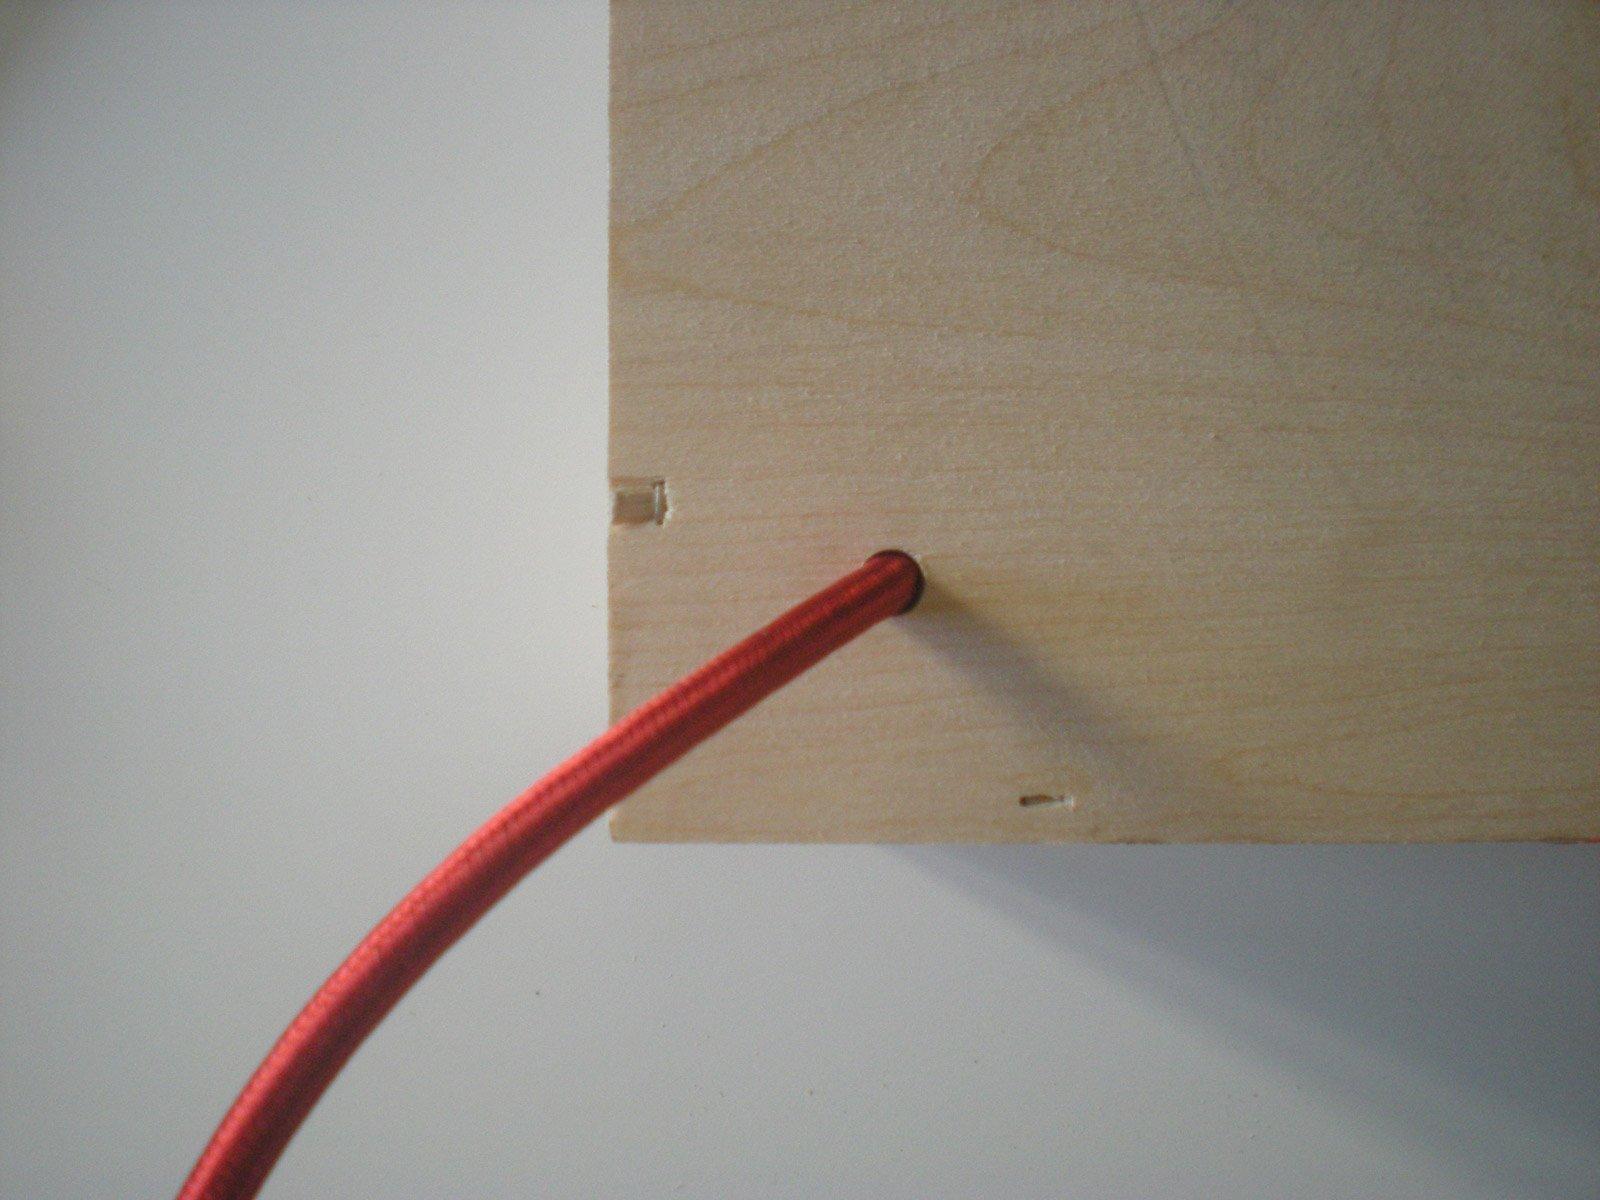 Lampade Con Bottiglie Riciclate: Decorare con le corde: 7 idee ...